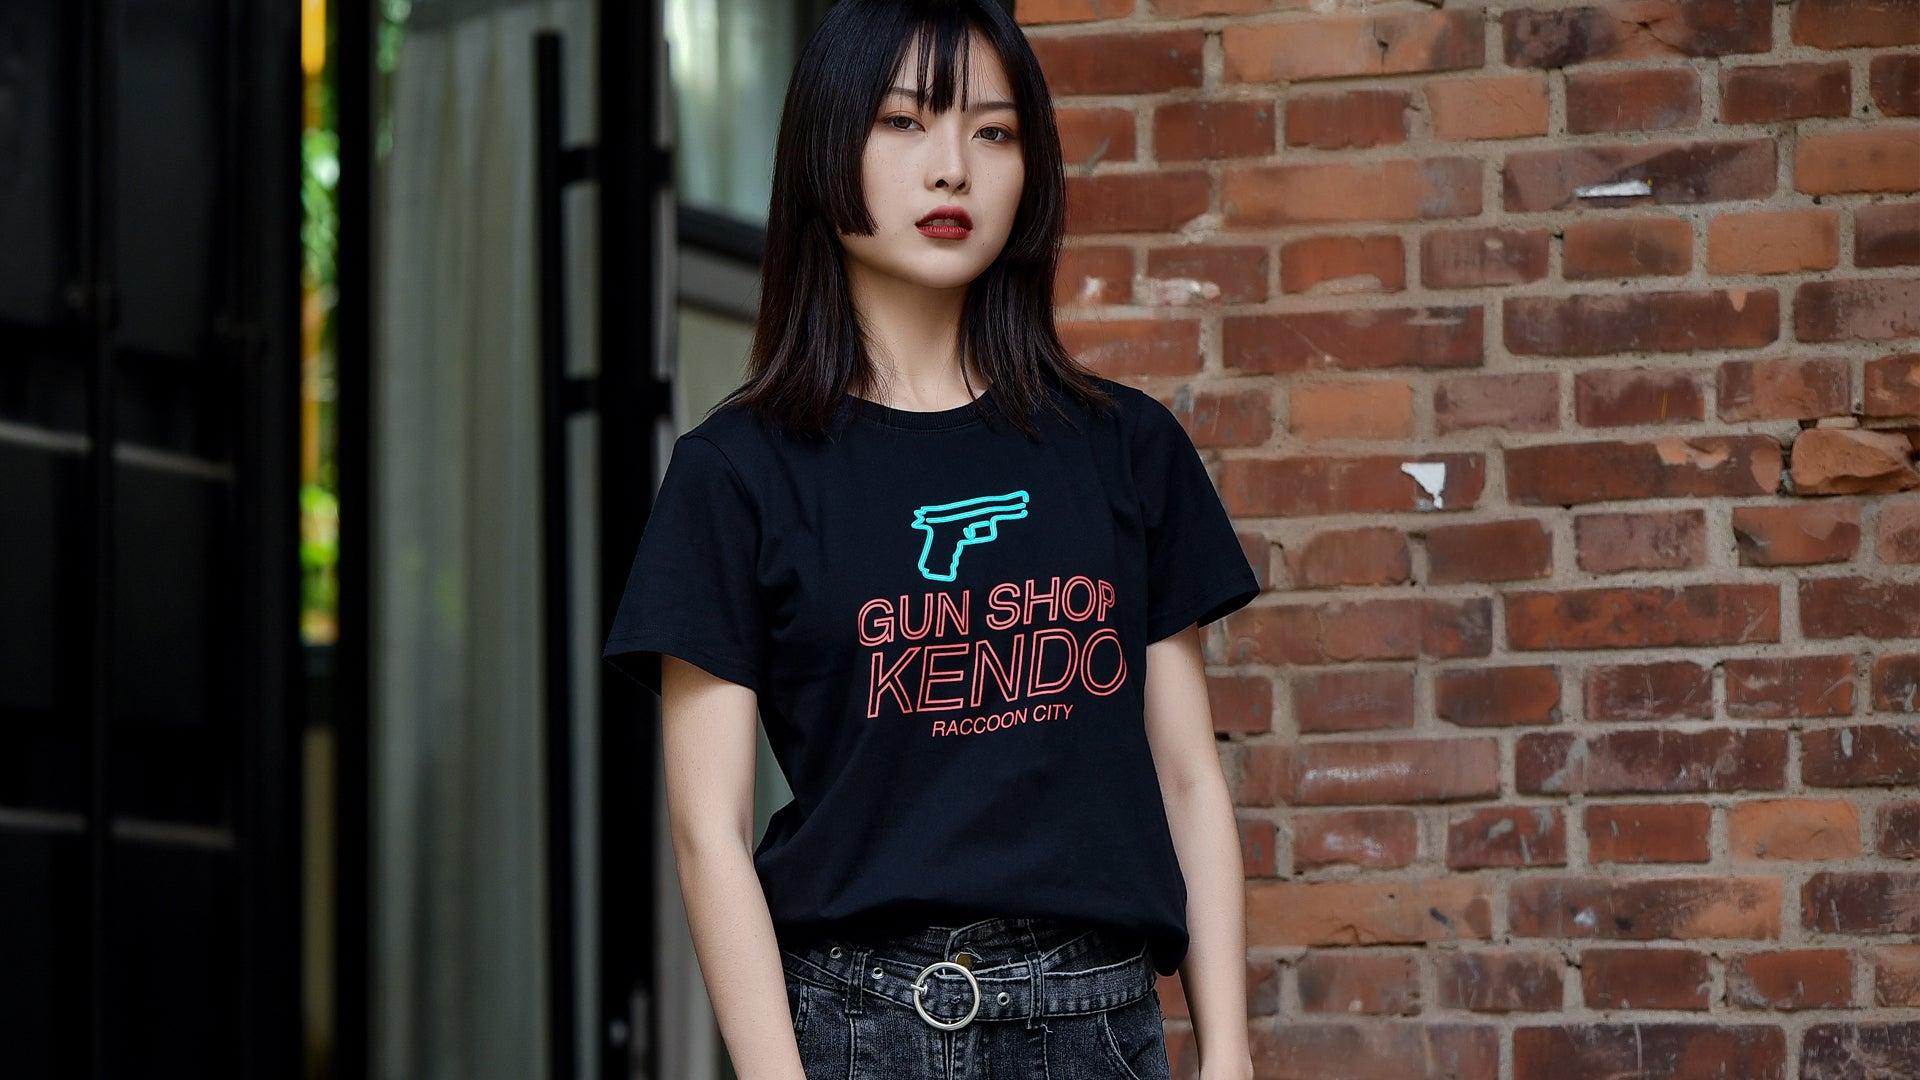 Resident Evil Gun Shop Kendo T-Shirt